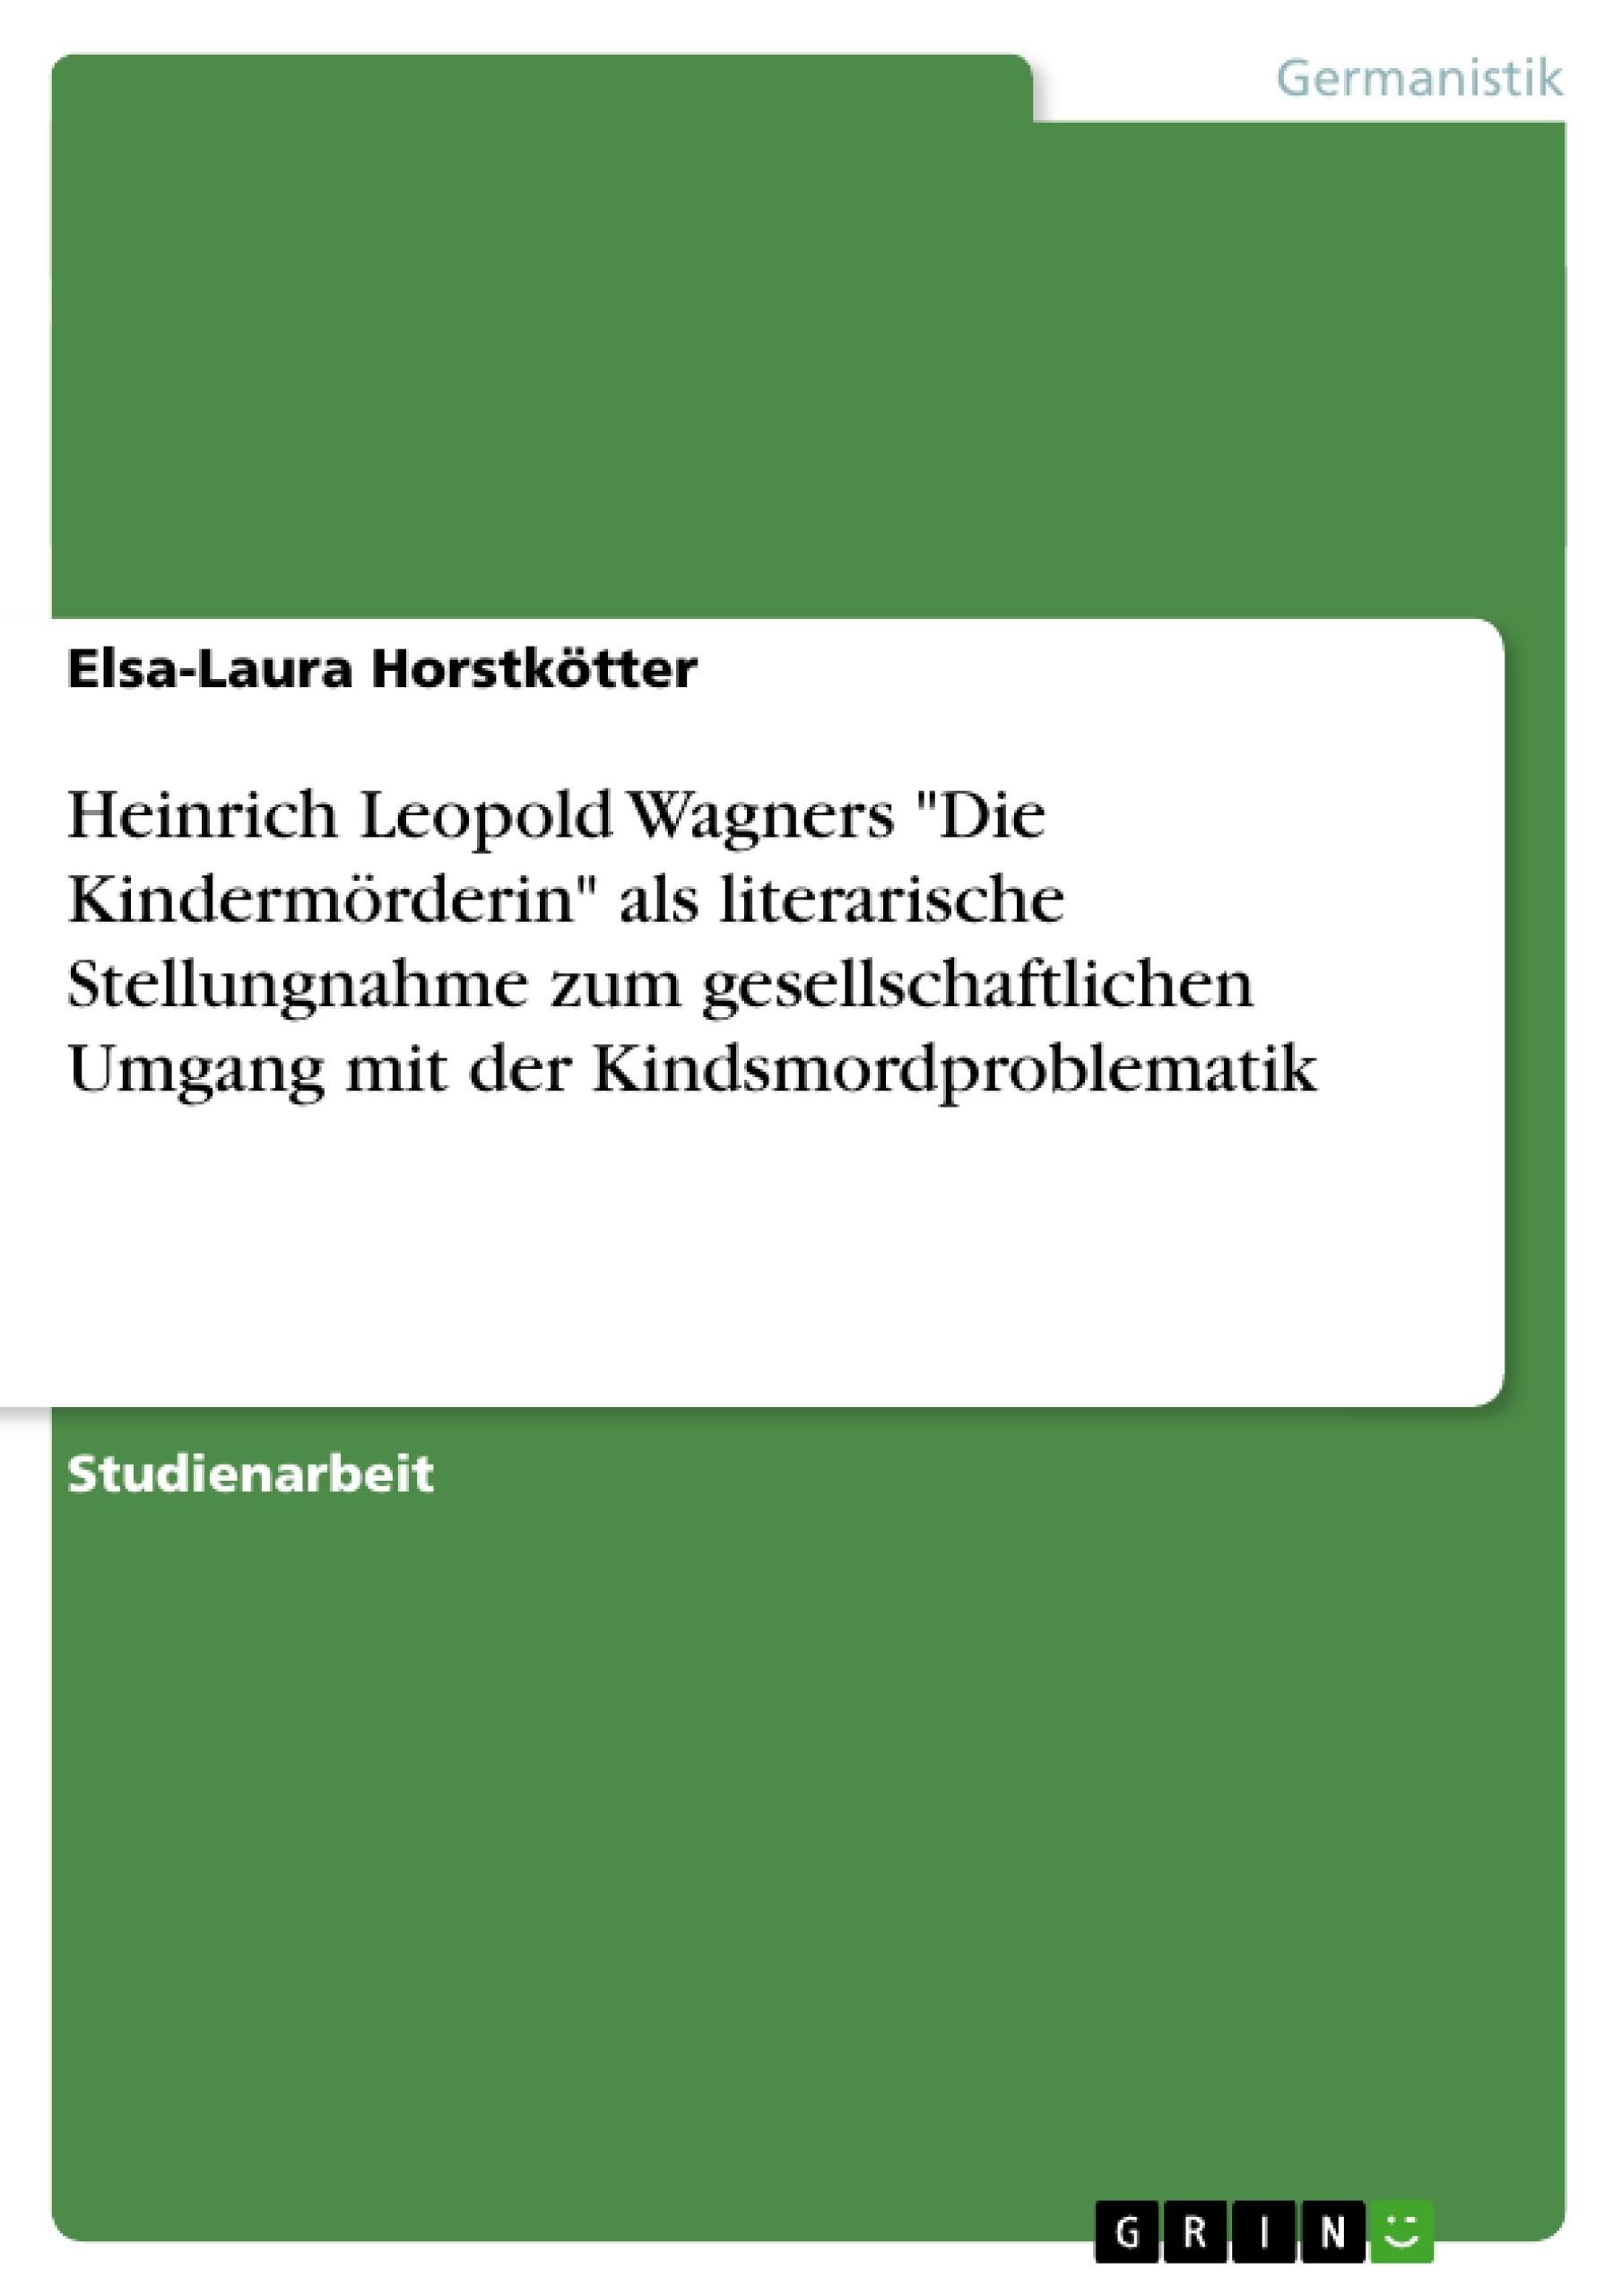 """Titel: Heinrich Leopold Wagners """"Die Kindermörderin"""" als literarische Stellungnahme zum gesellschaftlichen Umgang mit der Kindsmordproblematik"""